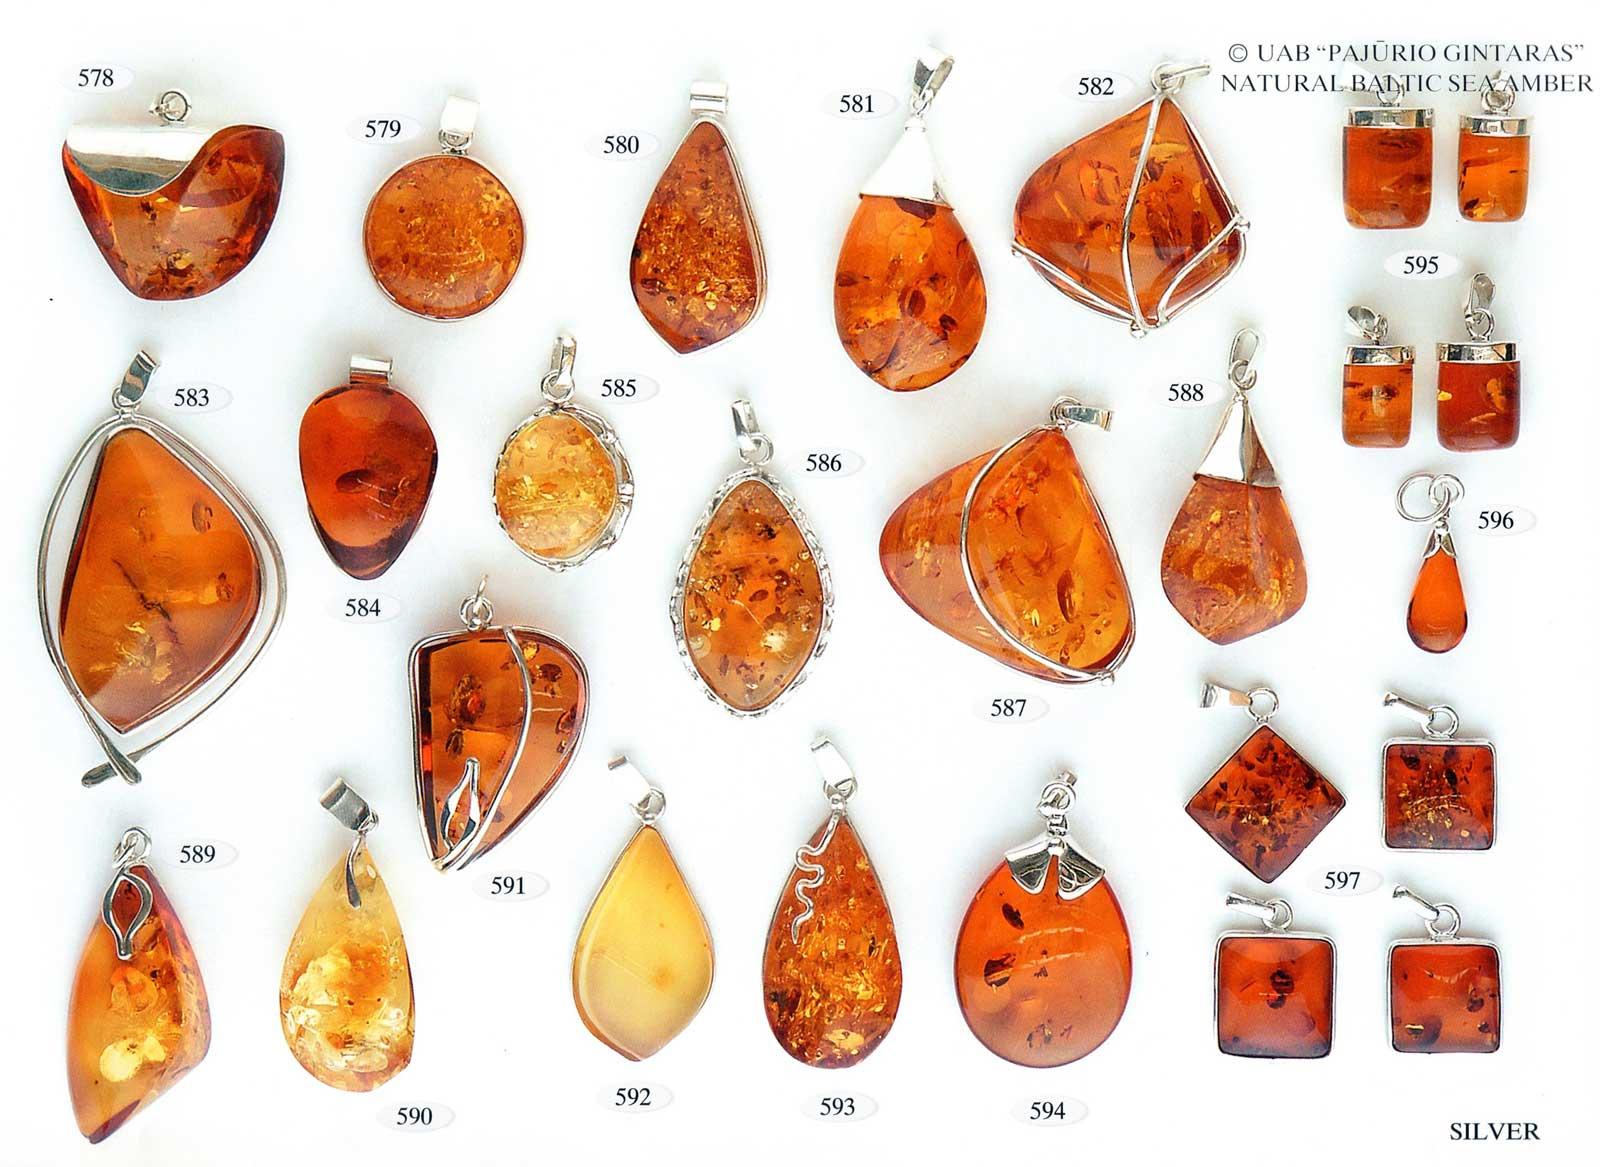 578-597 gold und silber mit bernstein